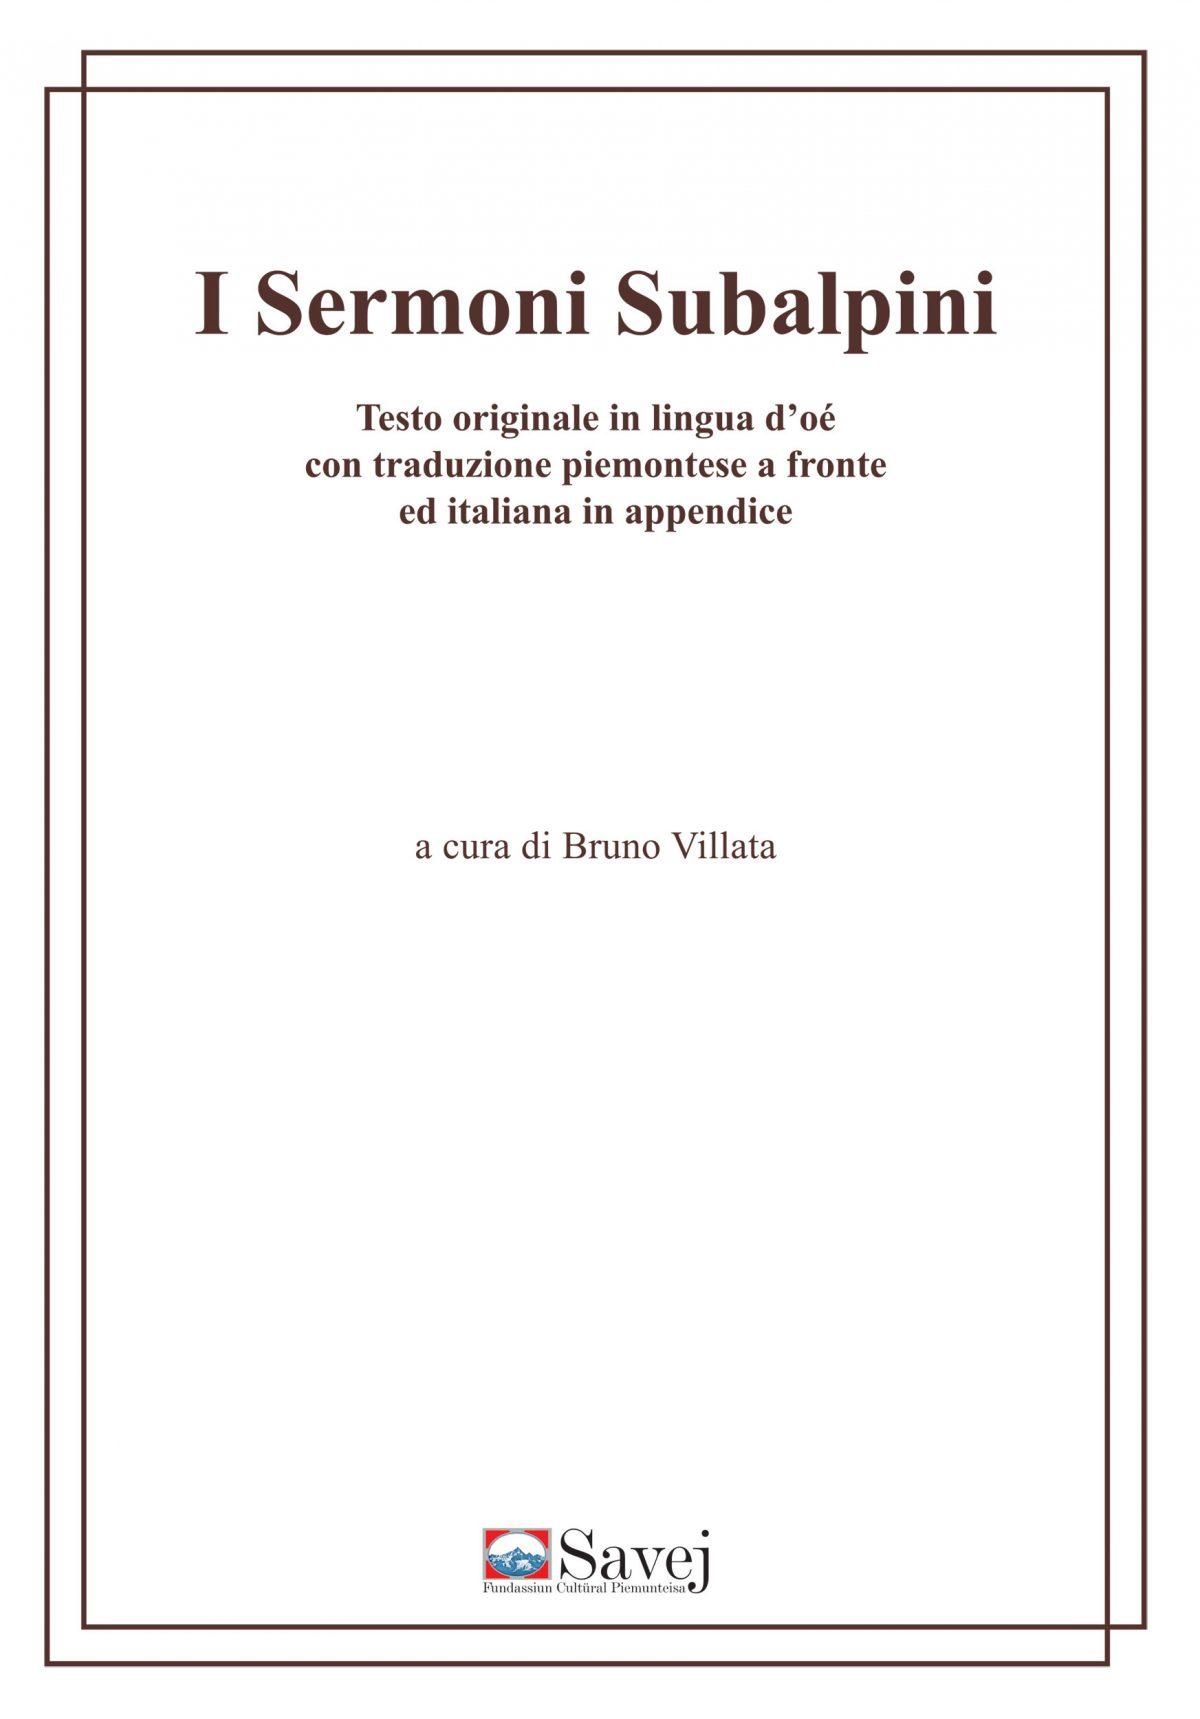 Copertina_sermoni_subalpini-e1478787735420